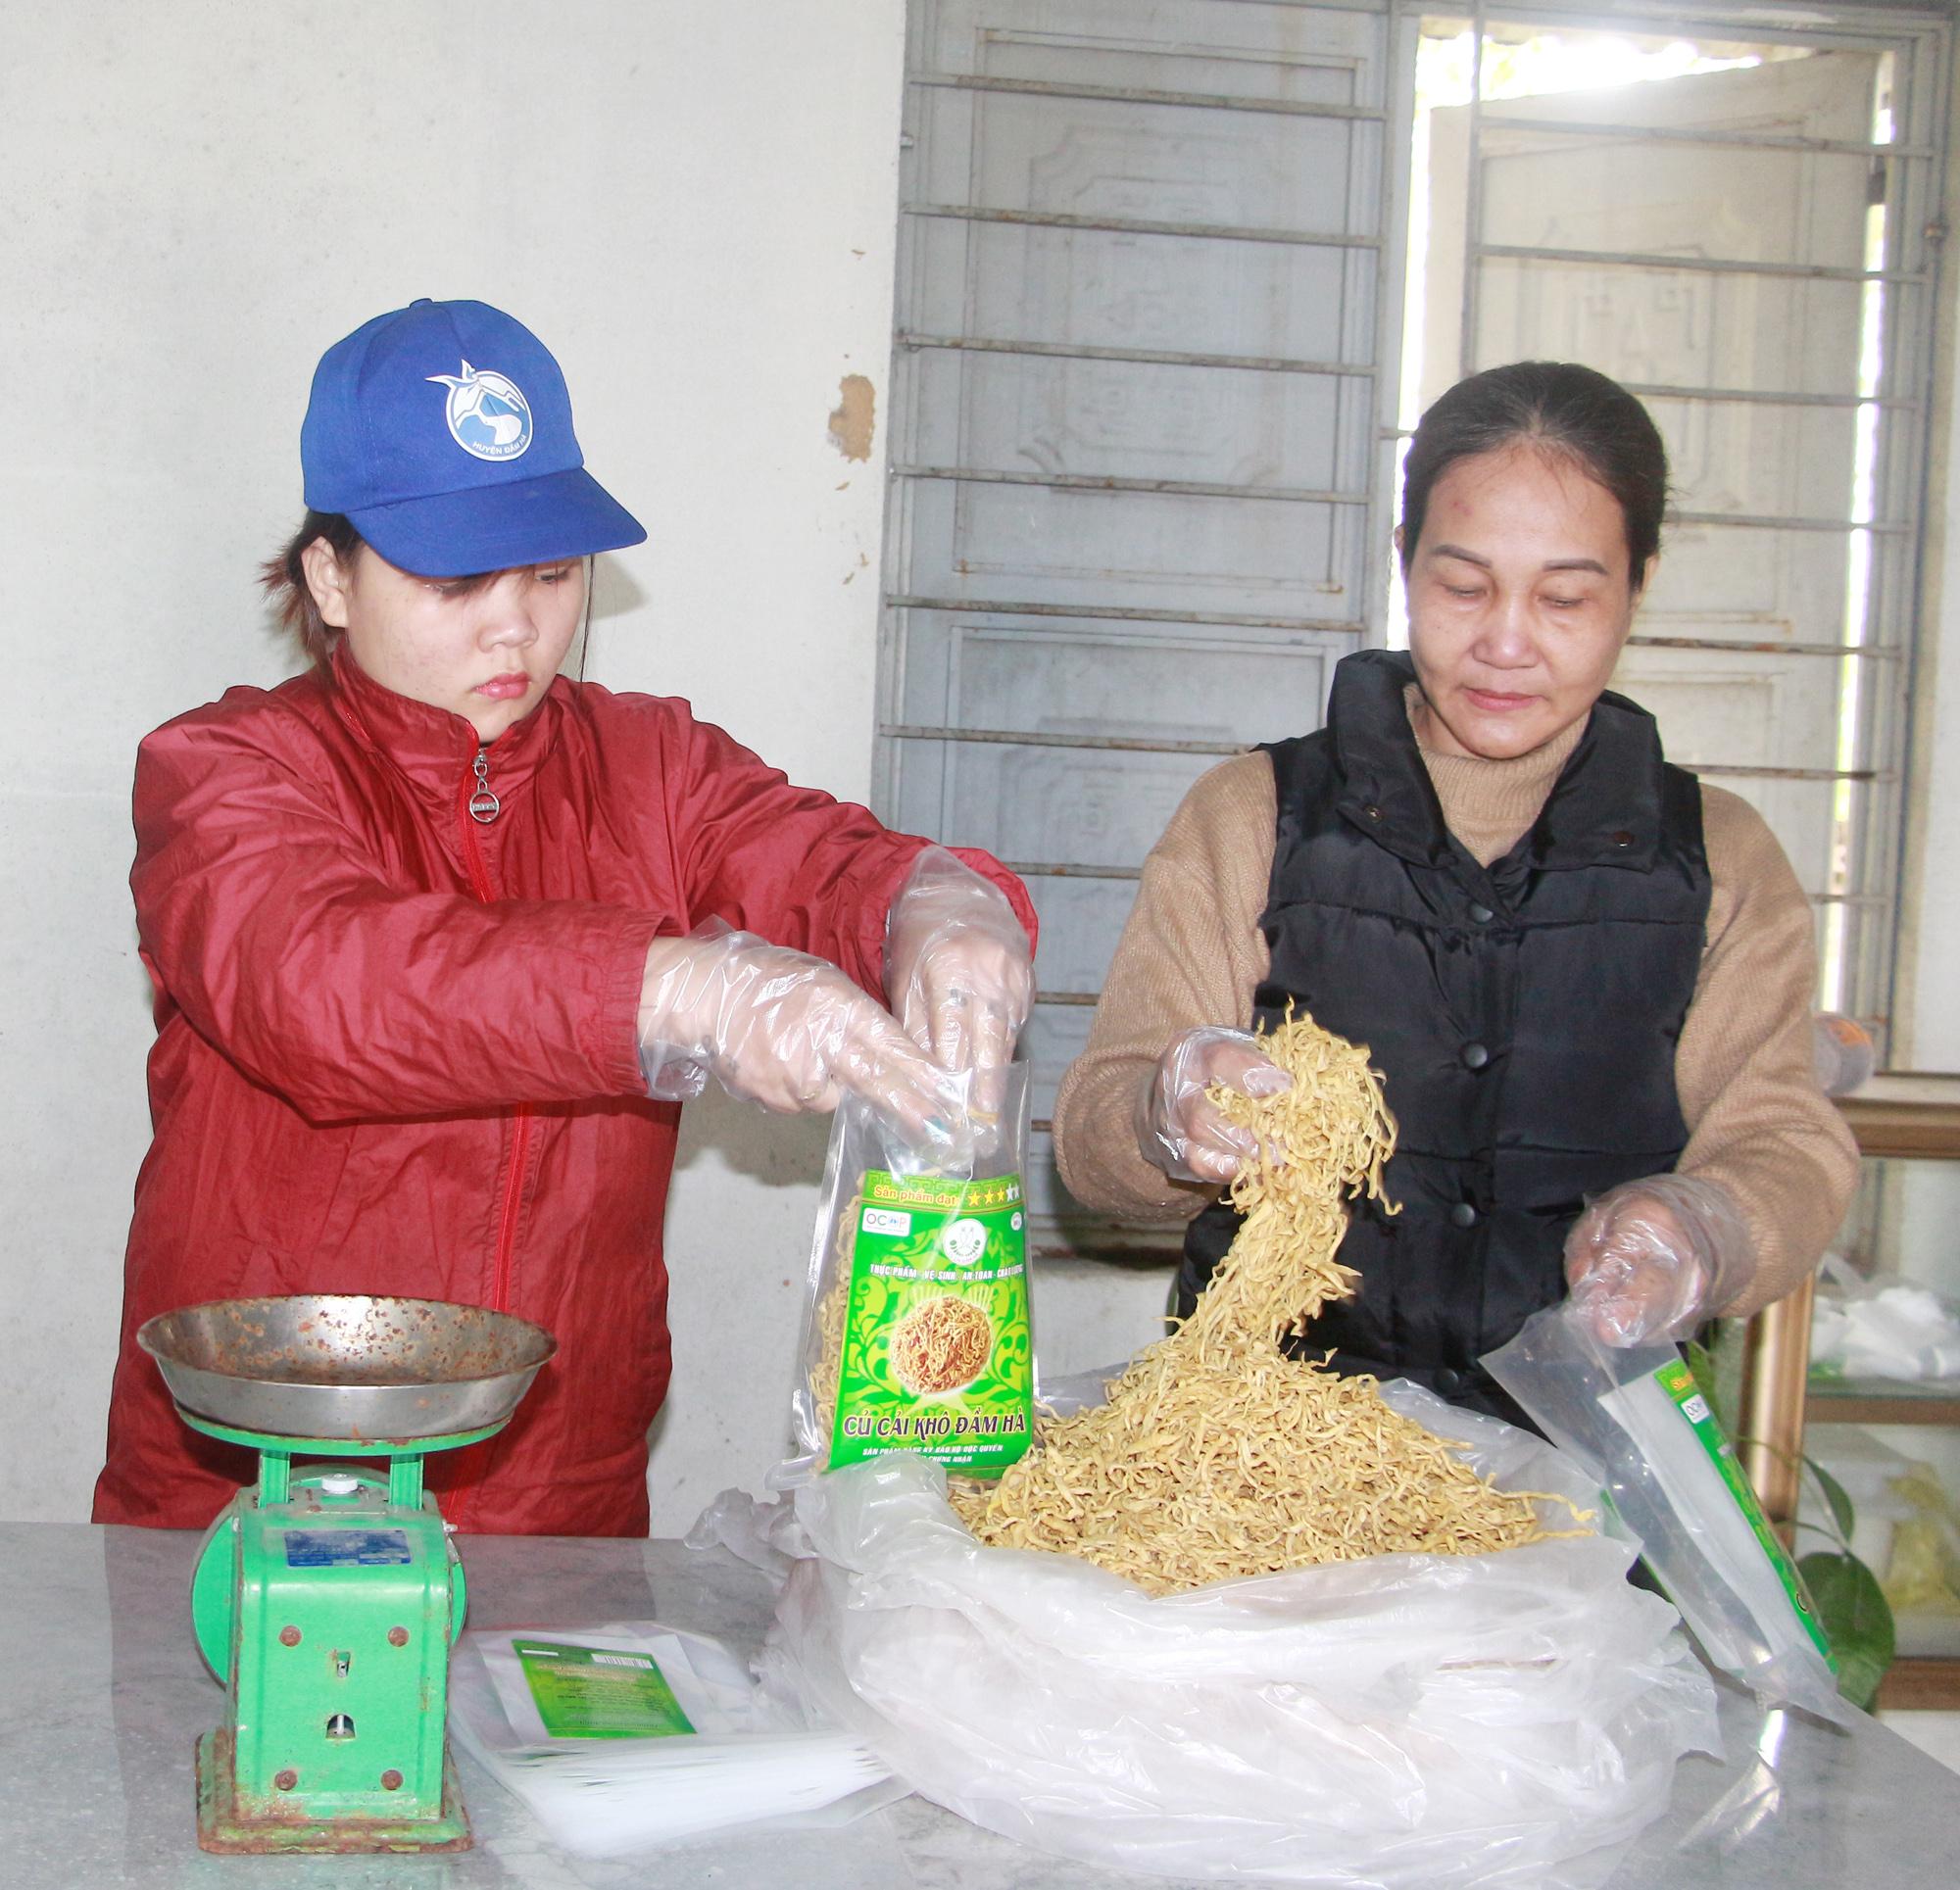 Củ cải khô Đầm Hà được đóng thành từng gói 300g, hút chân không và chuyển đi tiêu thụ.